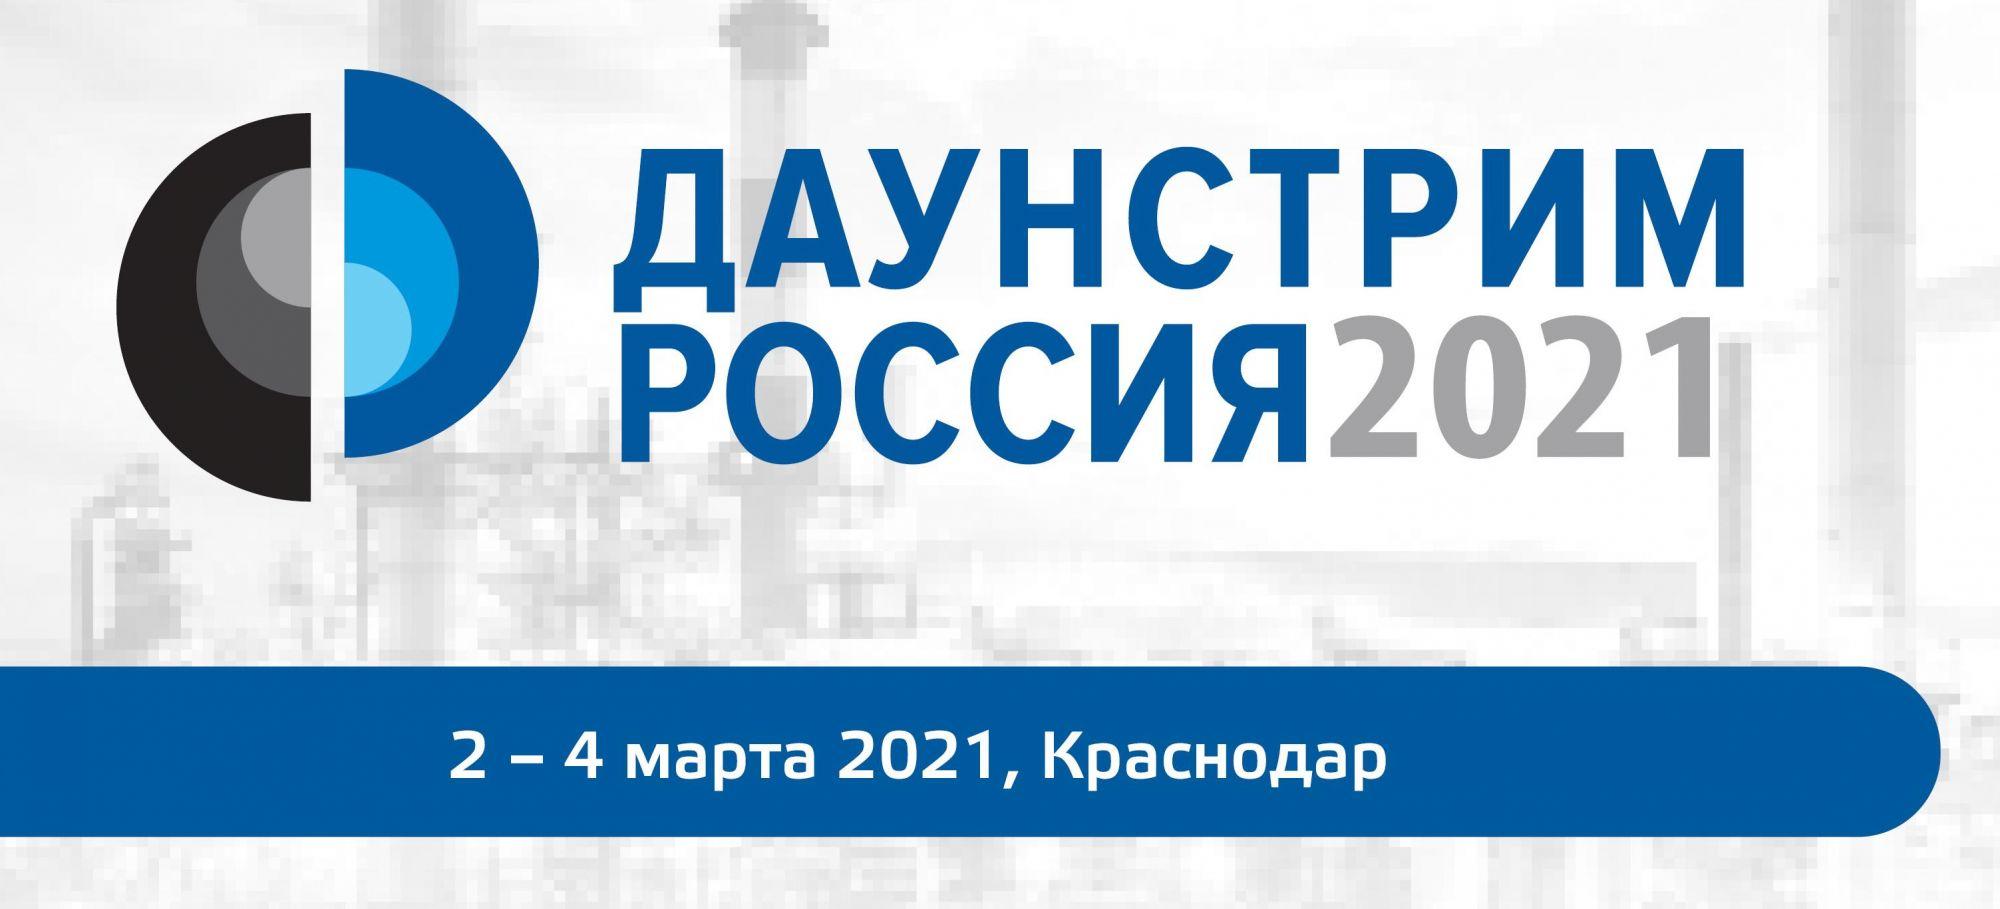 Даунстрим Россия 2021 - брошюра готова к ознакомлению